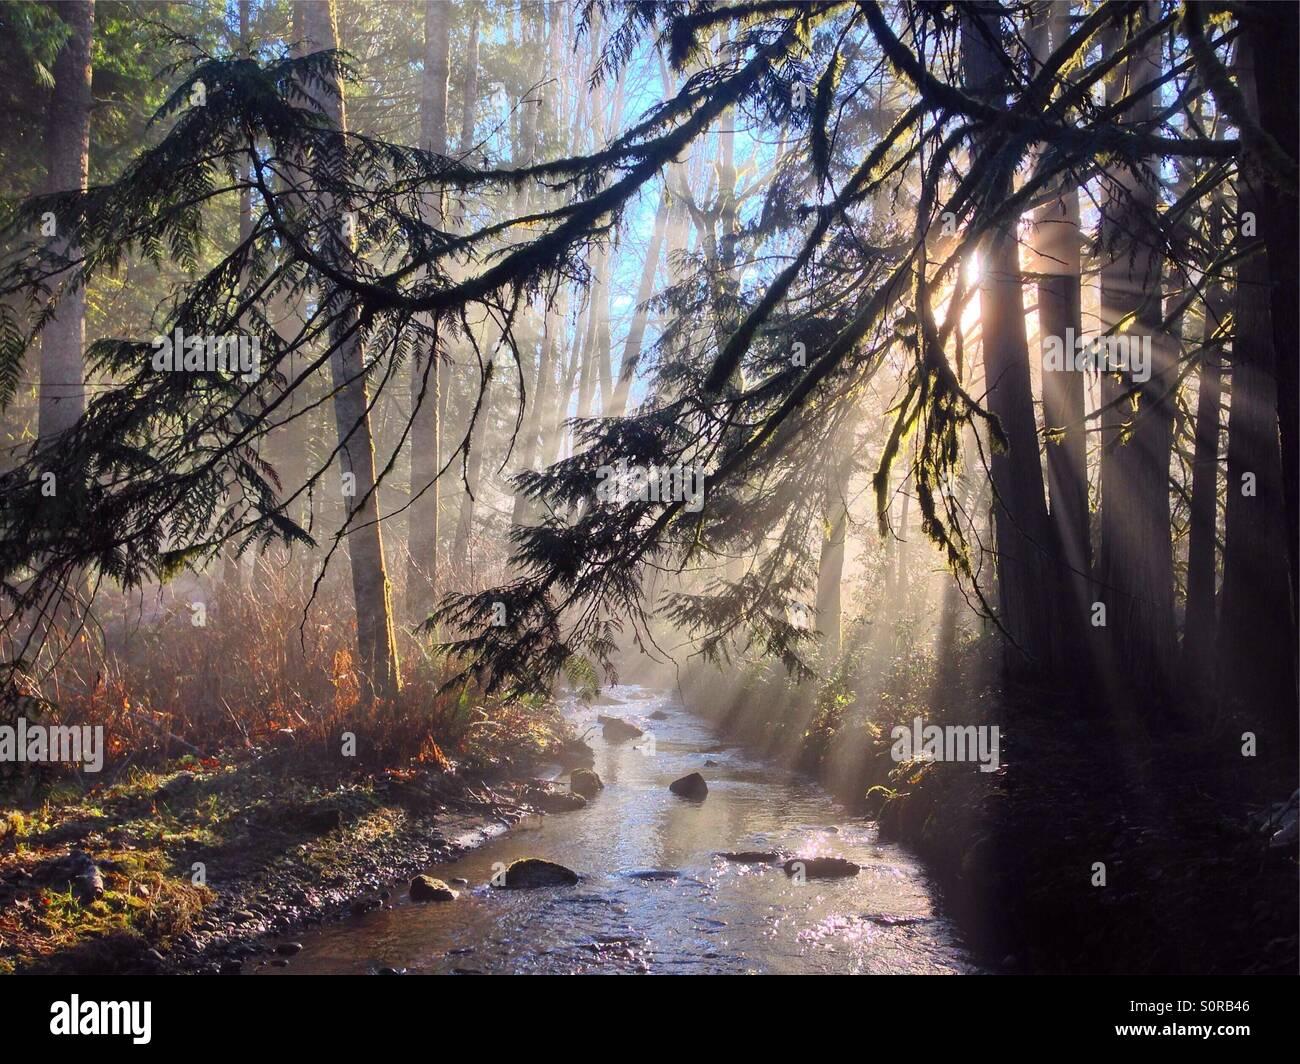 Un ruisseau dans la forêt avec des rayons solaires venant à travers le brouillard. Photo Stock